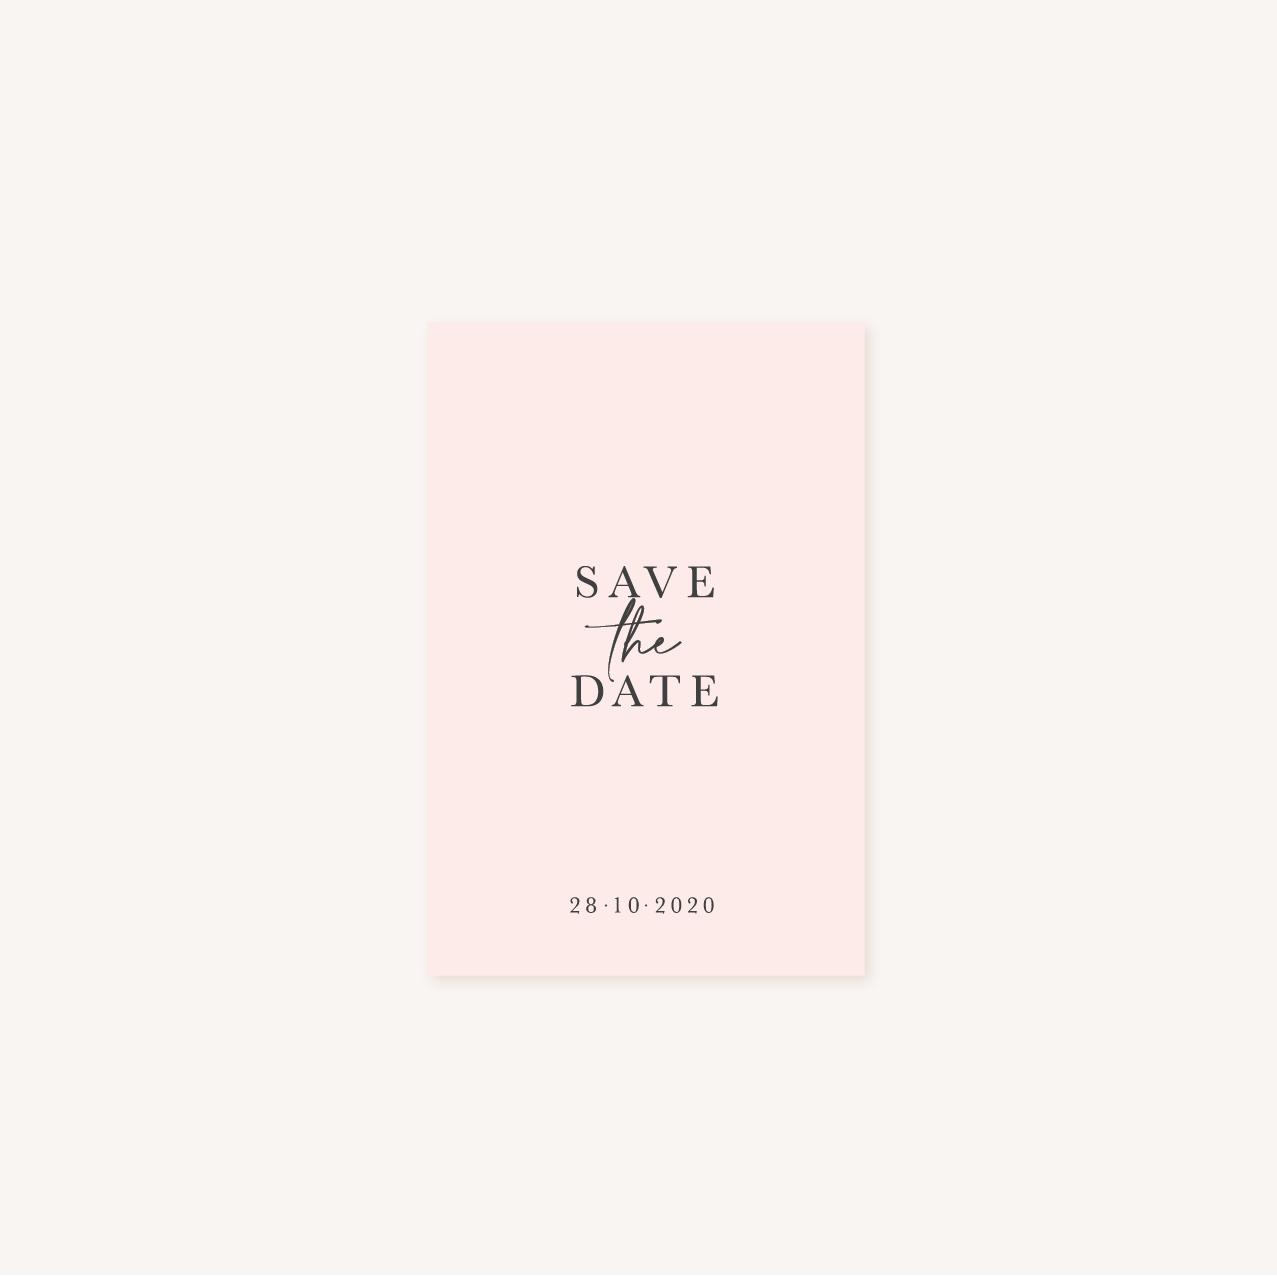 Save the date mariage élégant chic romantic neutral épuré bordeaux rose nude blanc